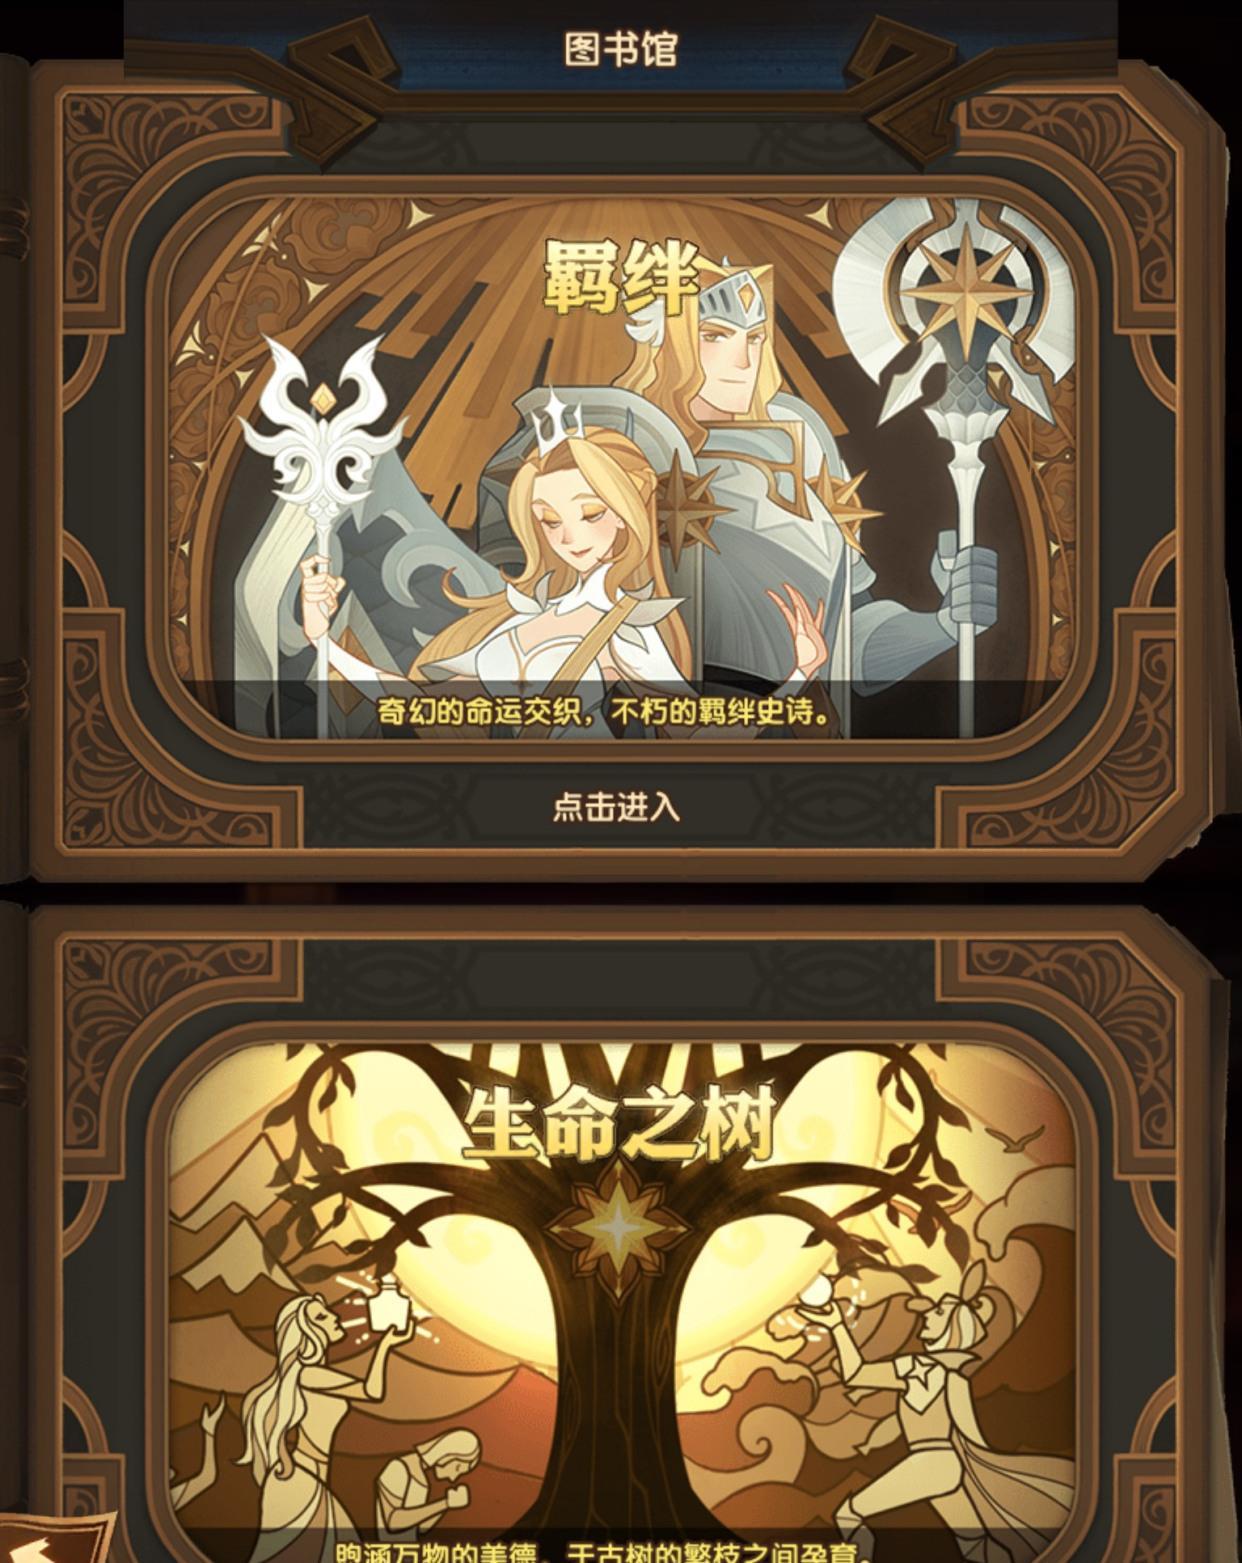 从剑与远征、重装战姬中,盘点养成游戏中的技能树